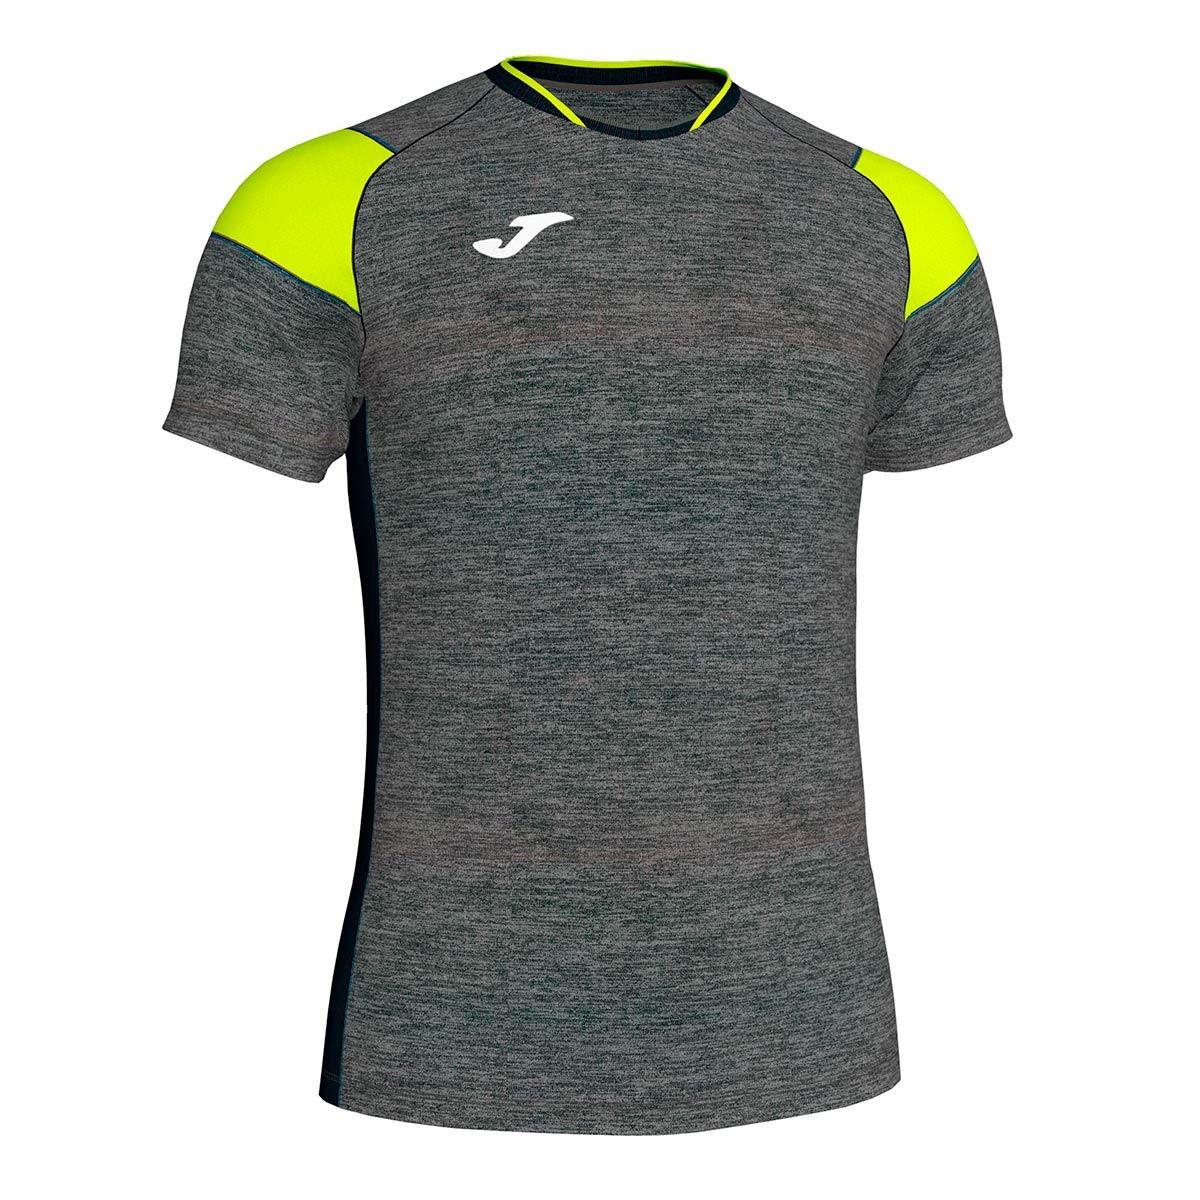 fe120d8b8c8fb Camiseta Joma Crew III m c Gris-Amarillo-Negro - Tienda de fútbol Fútbol  Emotion